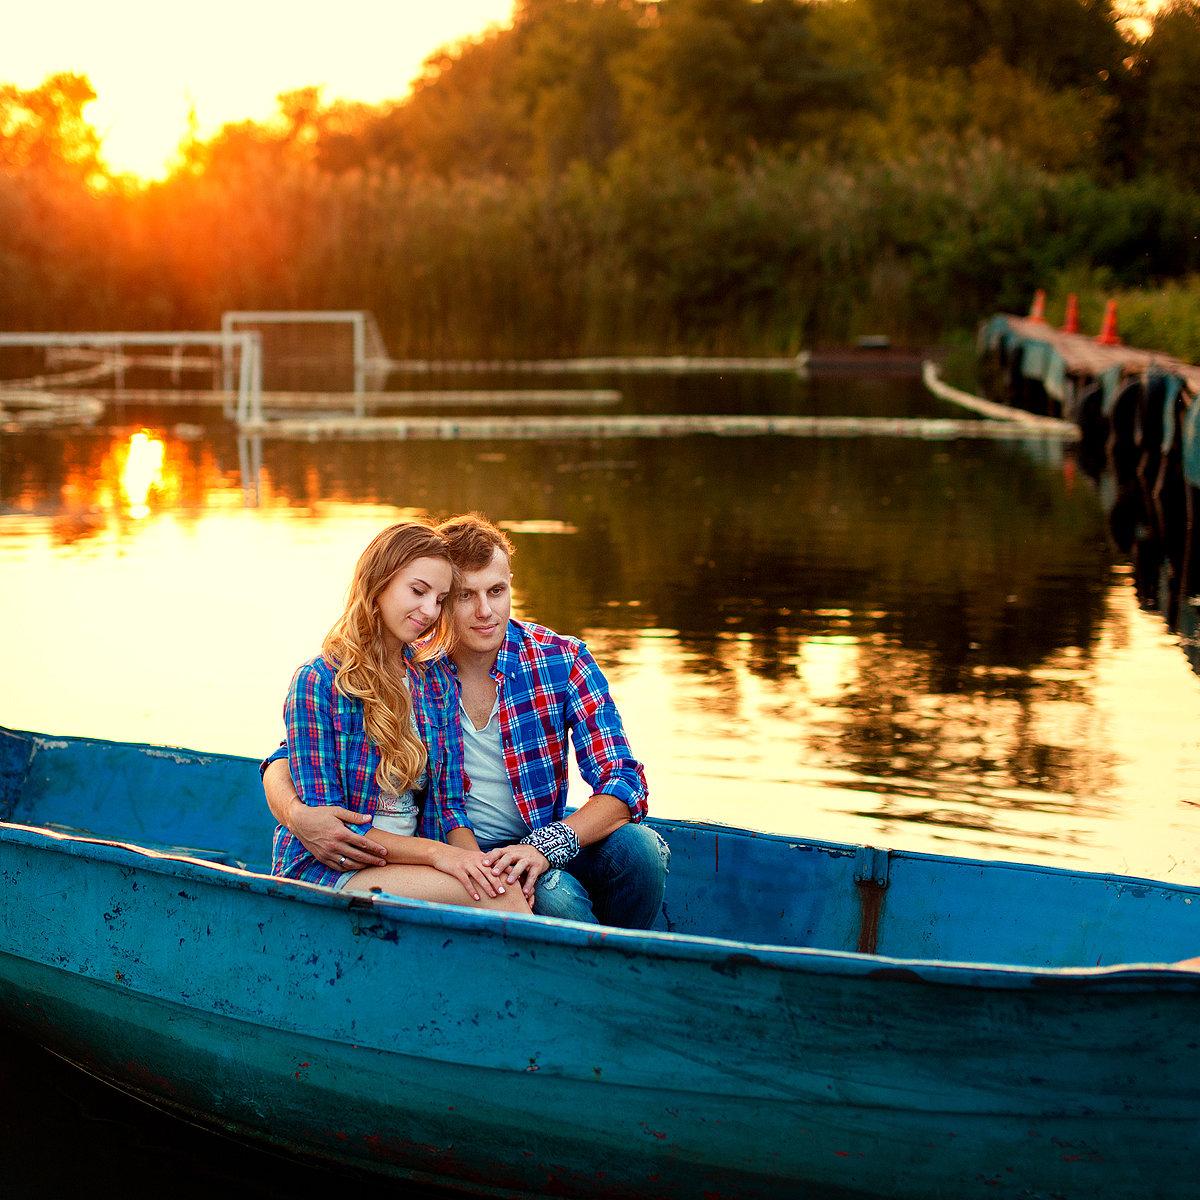 как одеться для фотосессии в лодке узнал